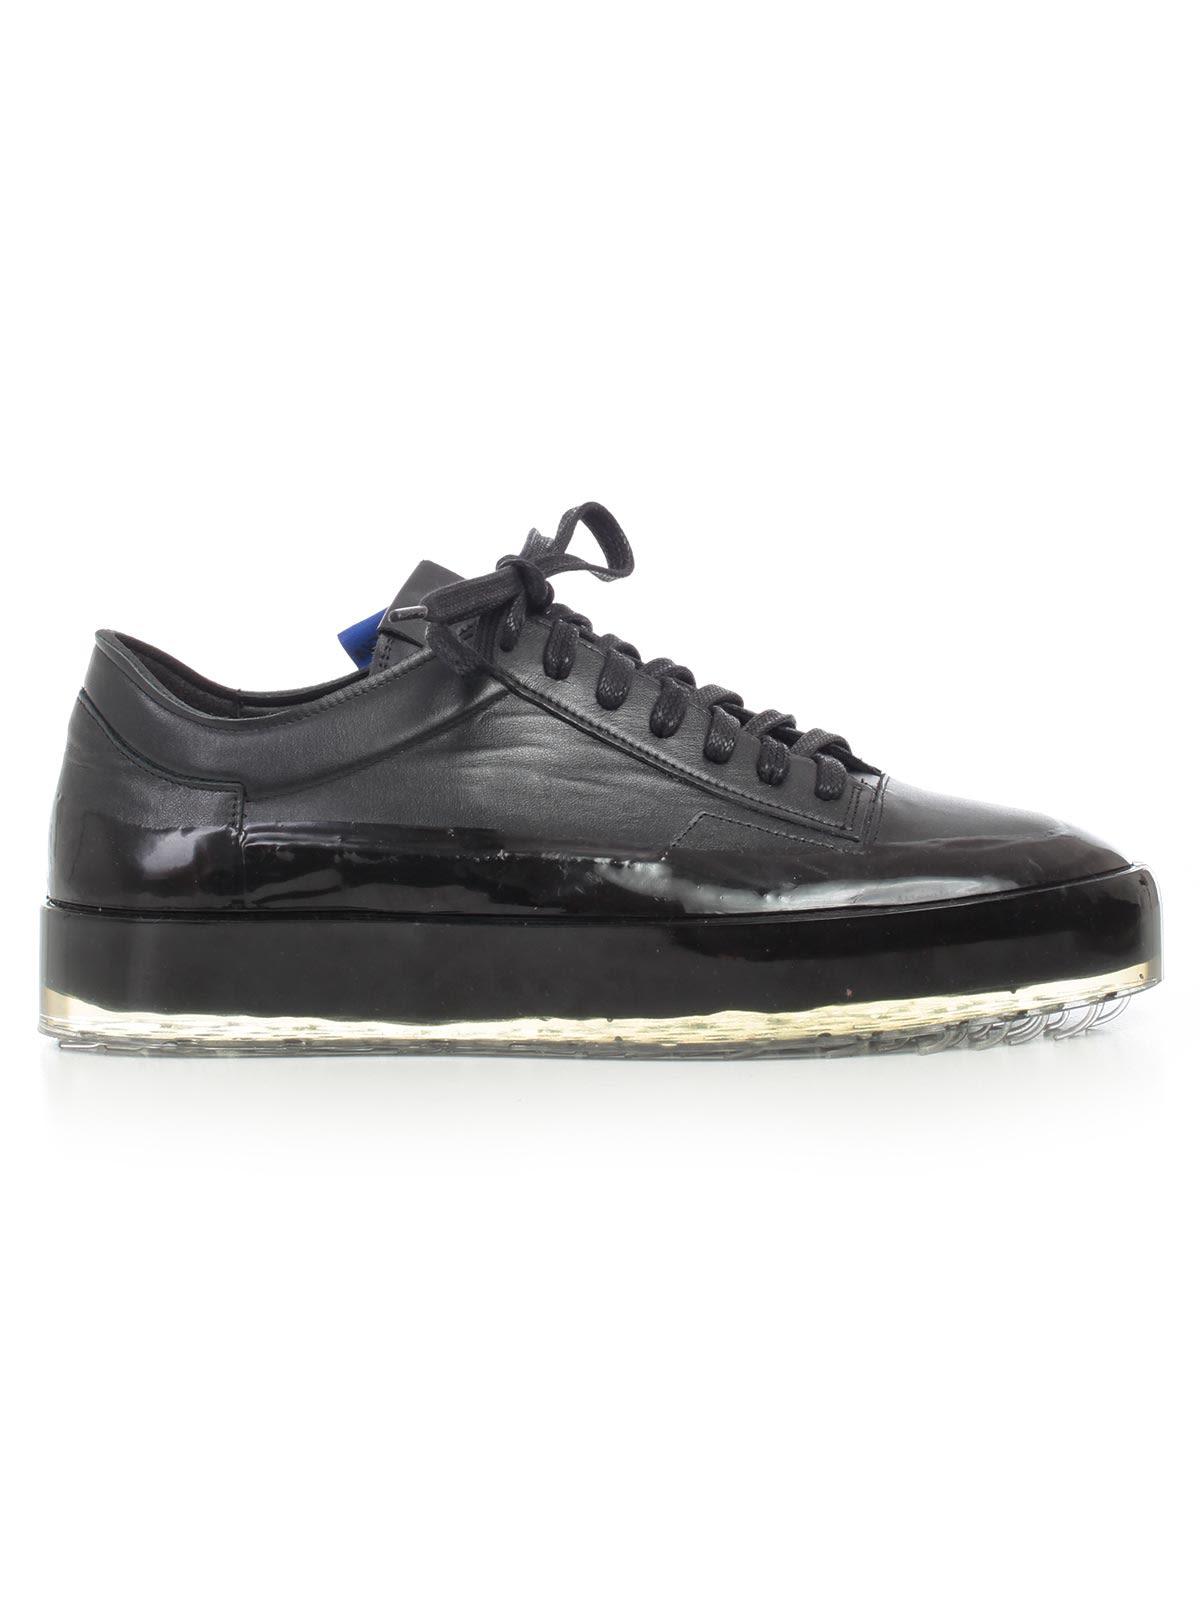 OXS RUBBER SOUL Rbrsl Rubber Soul Paneled Sneakers in Black